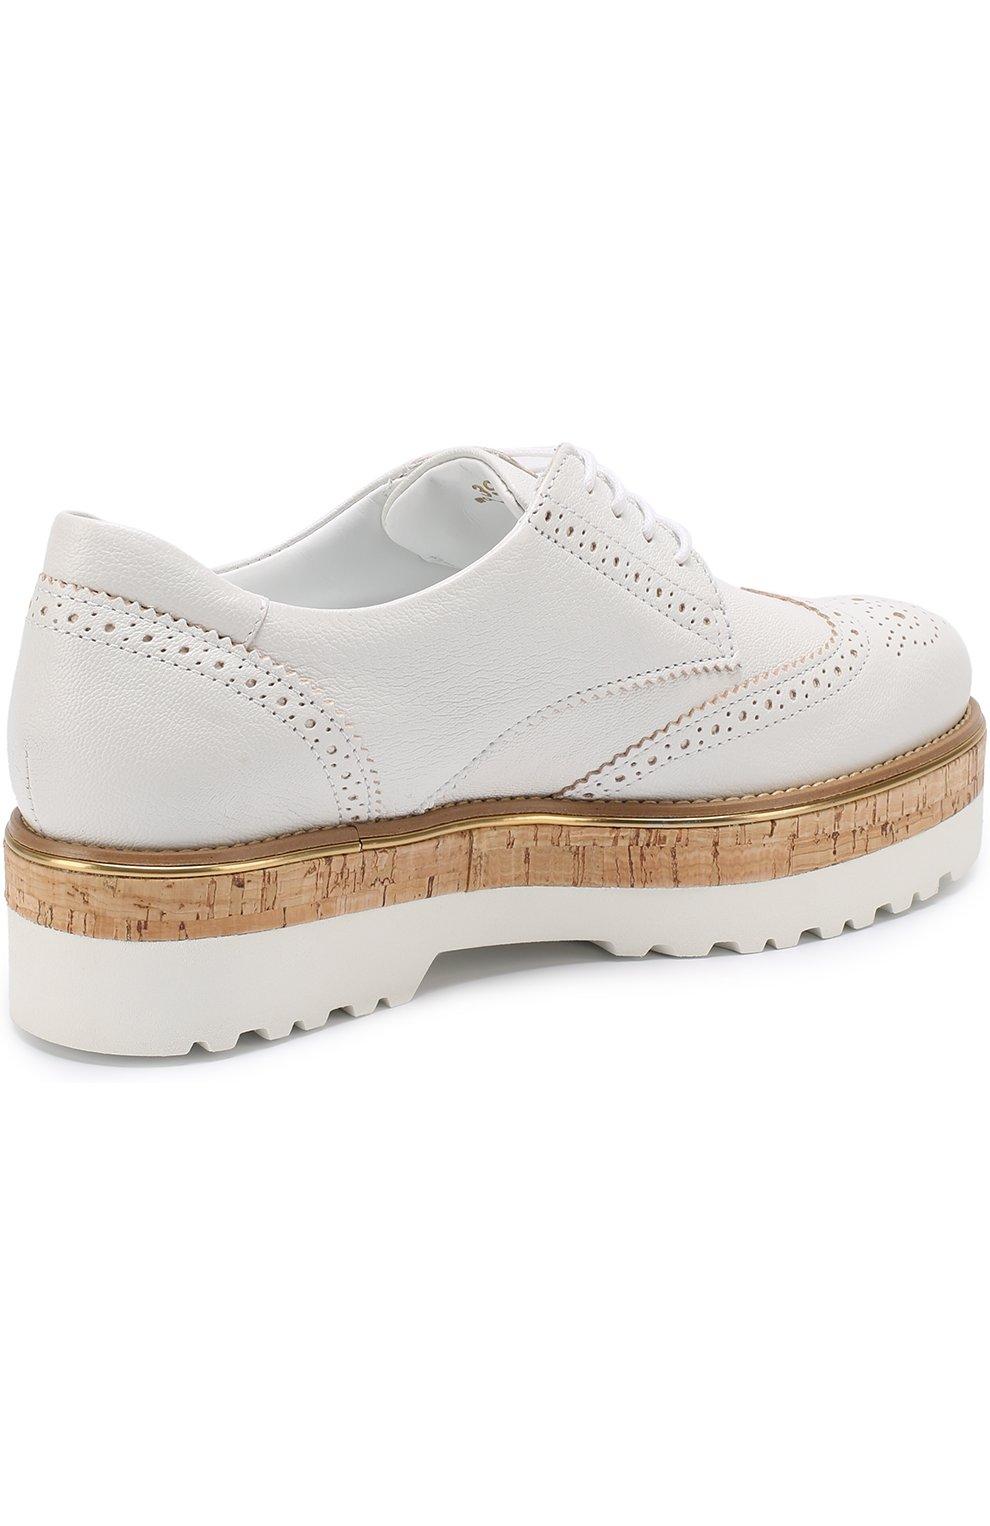 Кожаные ботинки с брогированием на платформе Hogan белые | Фото №4